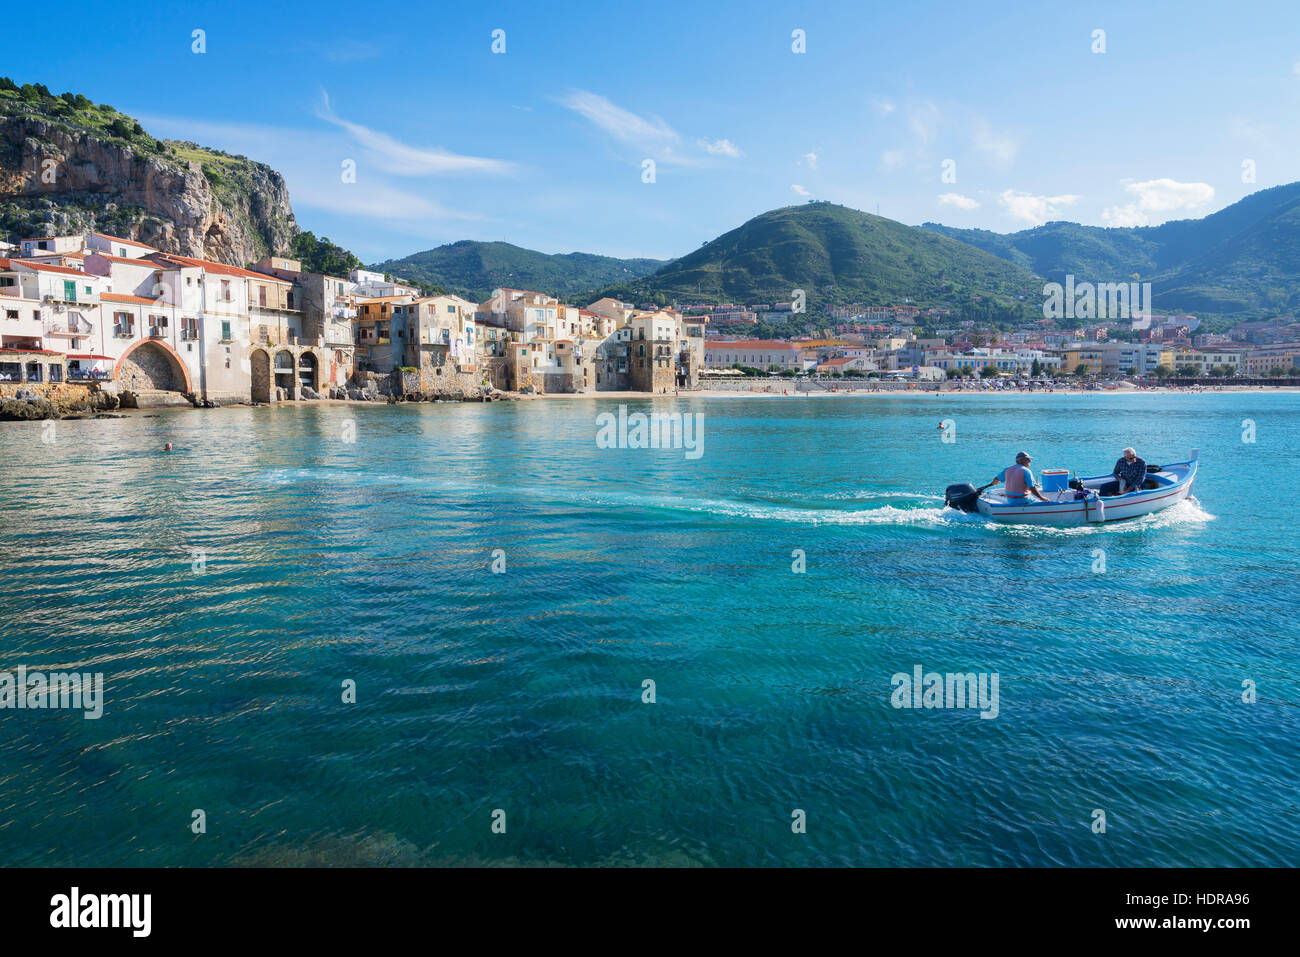 Fishermen boat, Cefalu, Sicily, Italy, Europe - Stock Image